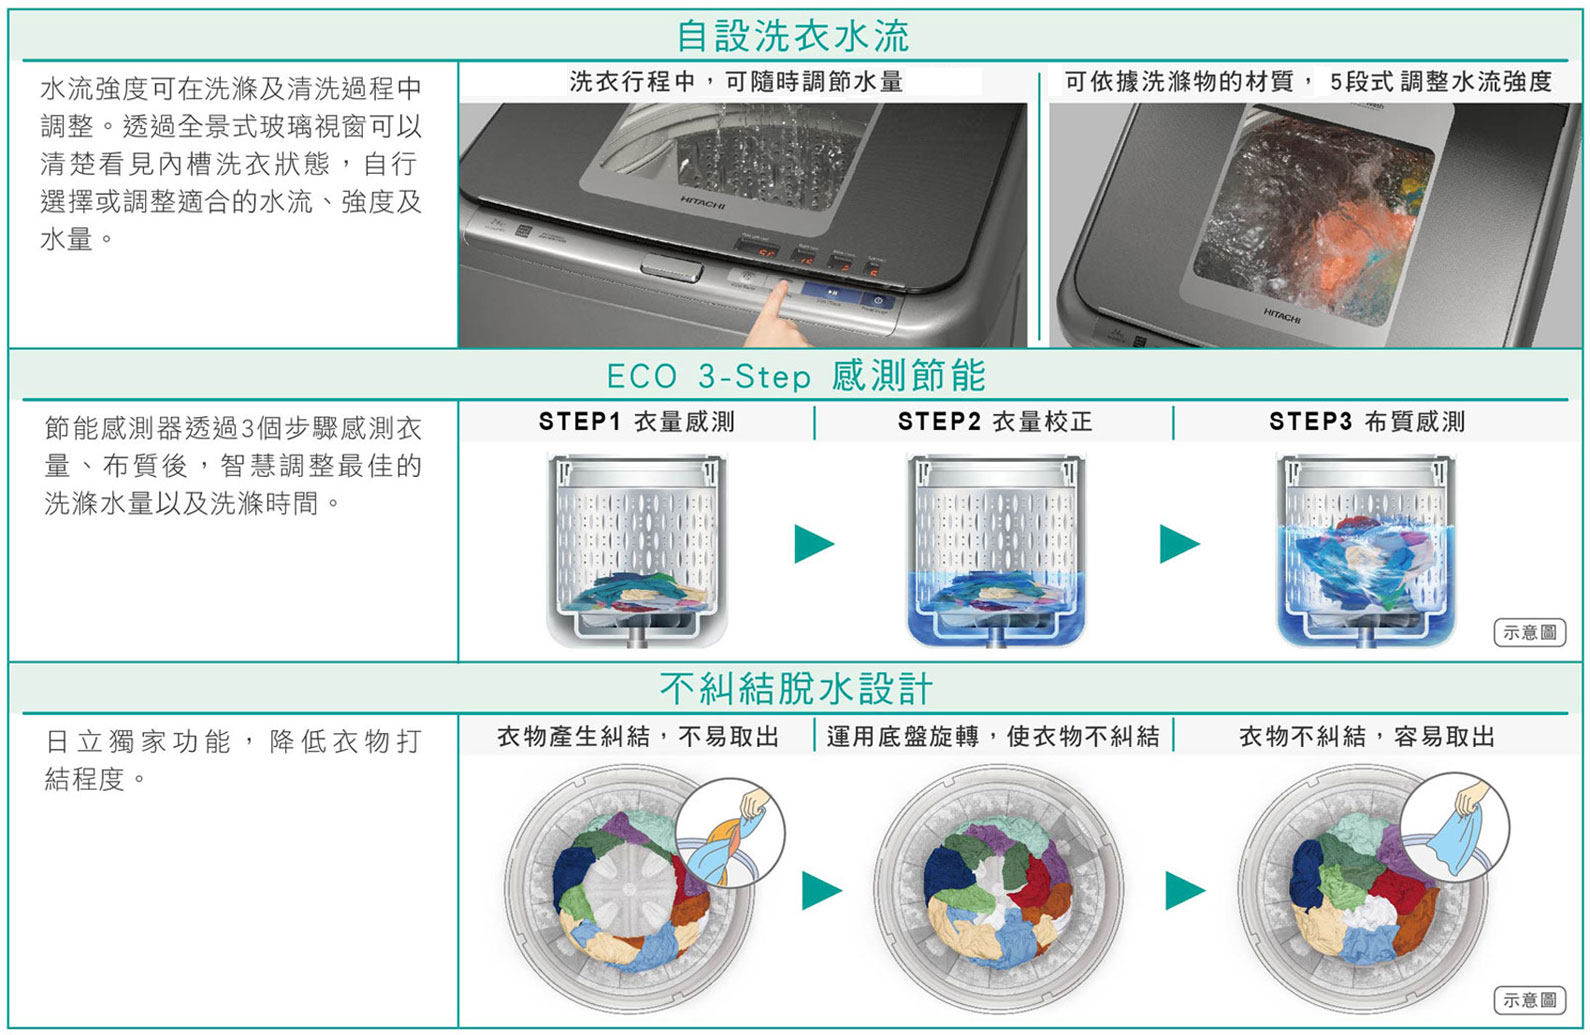 智慧節能洗衣 ECO 3-Step節能感測